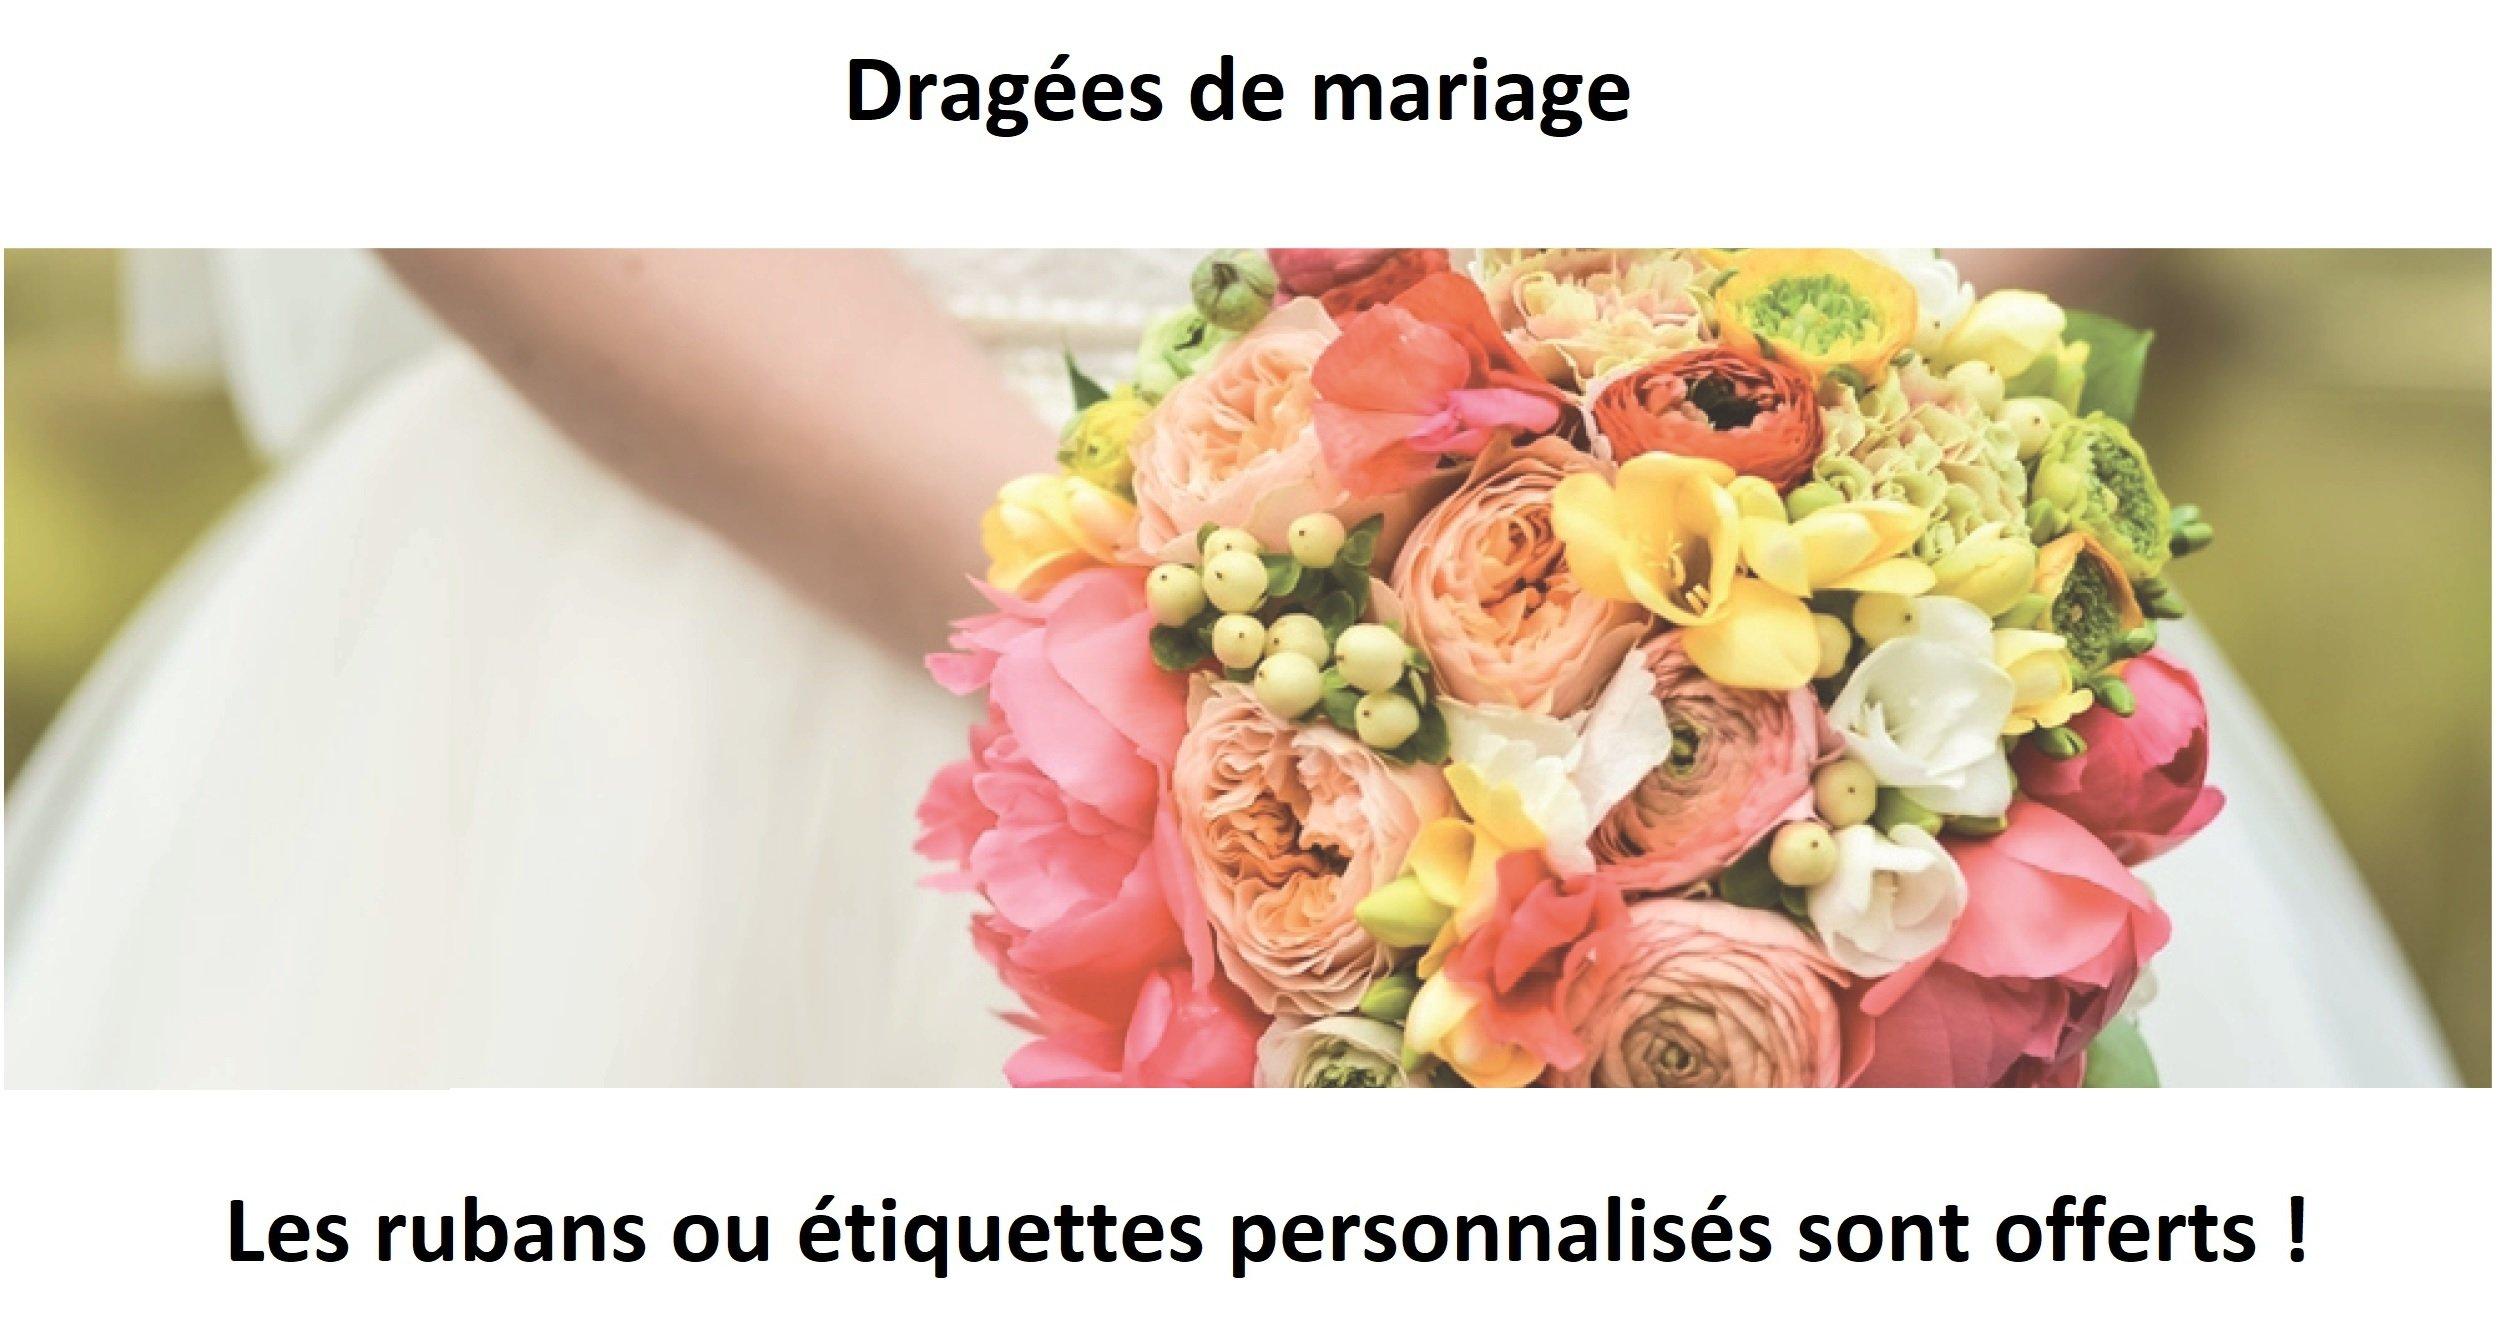 Achat dragees mariage en Normandie